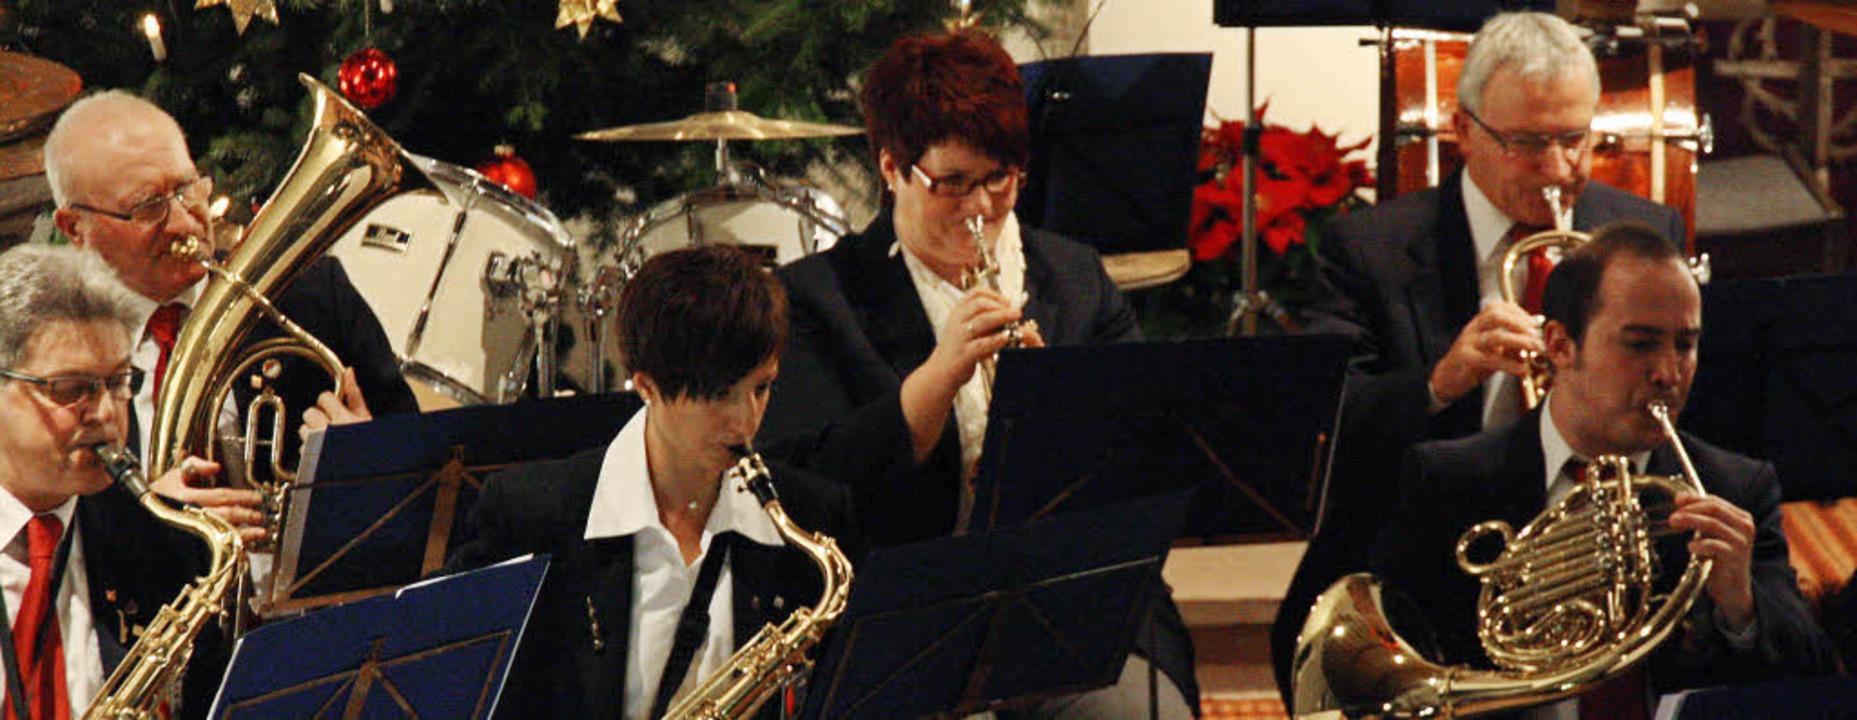 Der Musikverein Königschaffhausen spie...der weihnachtlich geschmückten Kirche.    Foto: Christiane Franz